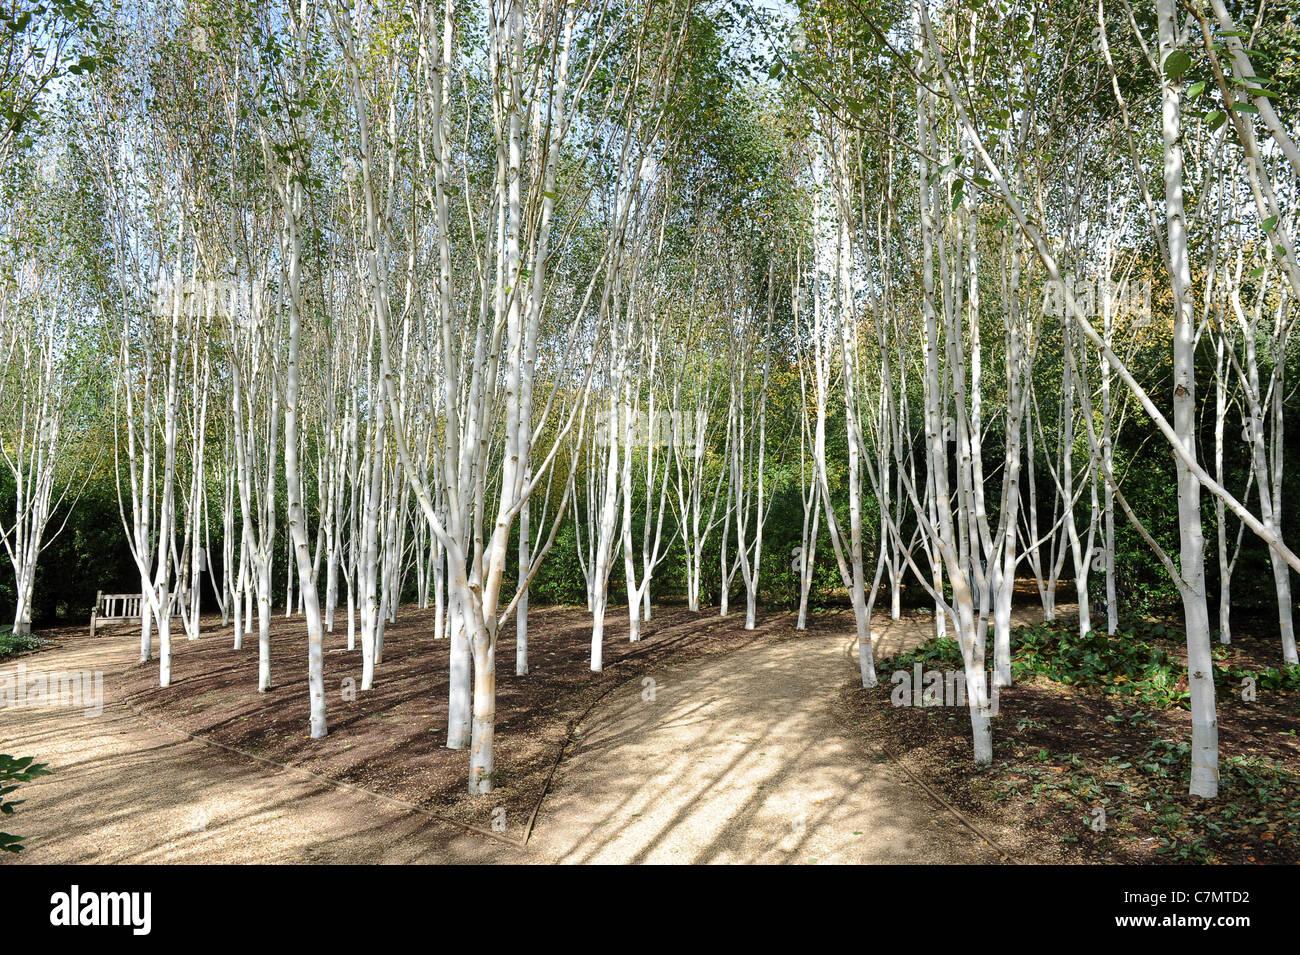 Himalayan Birch Trees Stock Photos Himalayan Birch Trees Stock